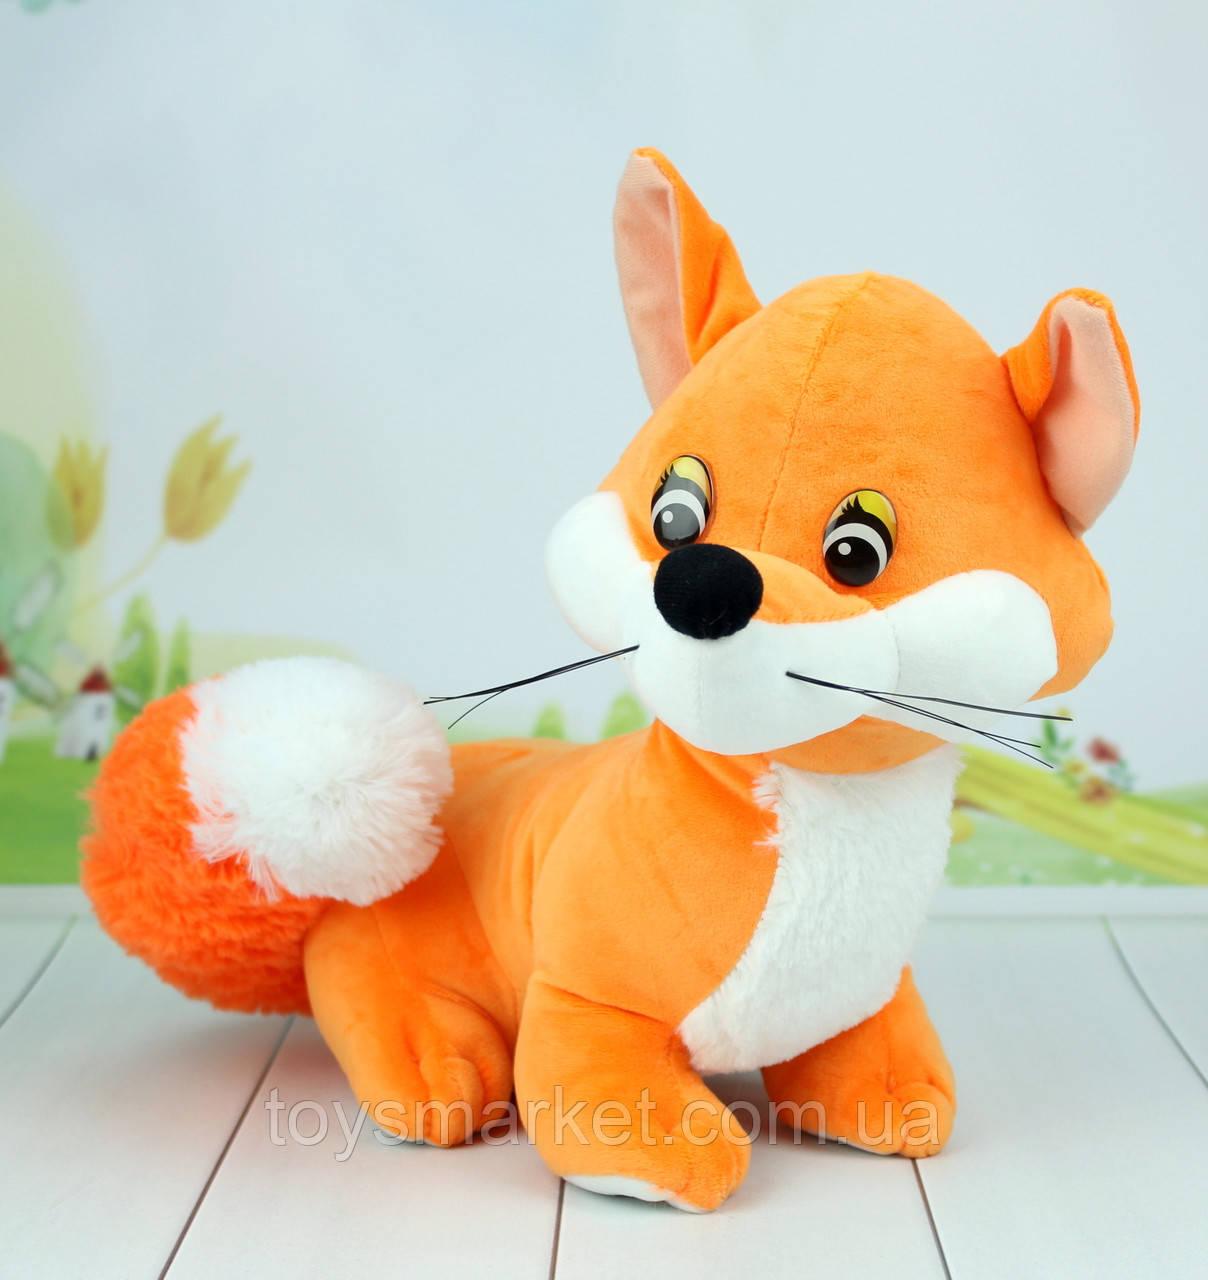 Мягкая игрушка Лиса, 38 см.